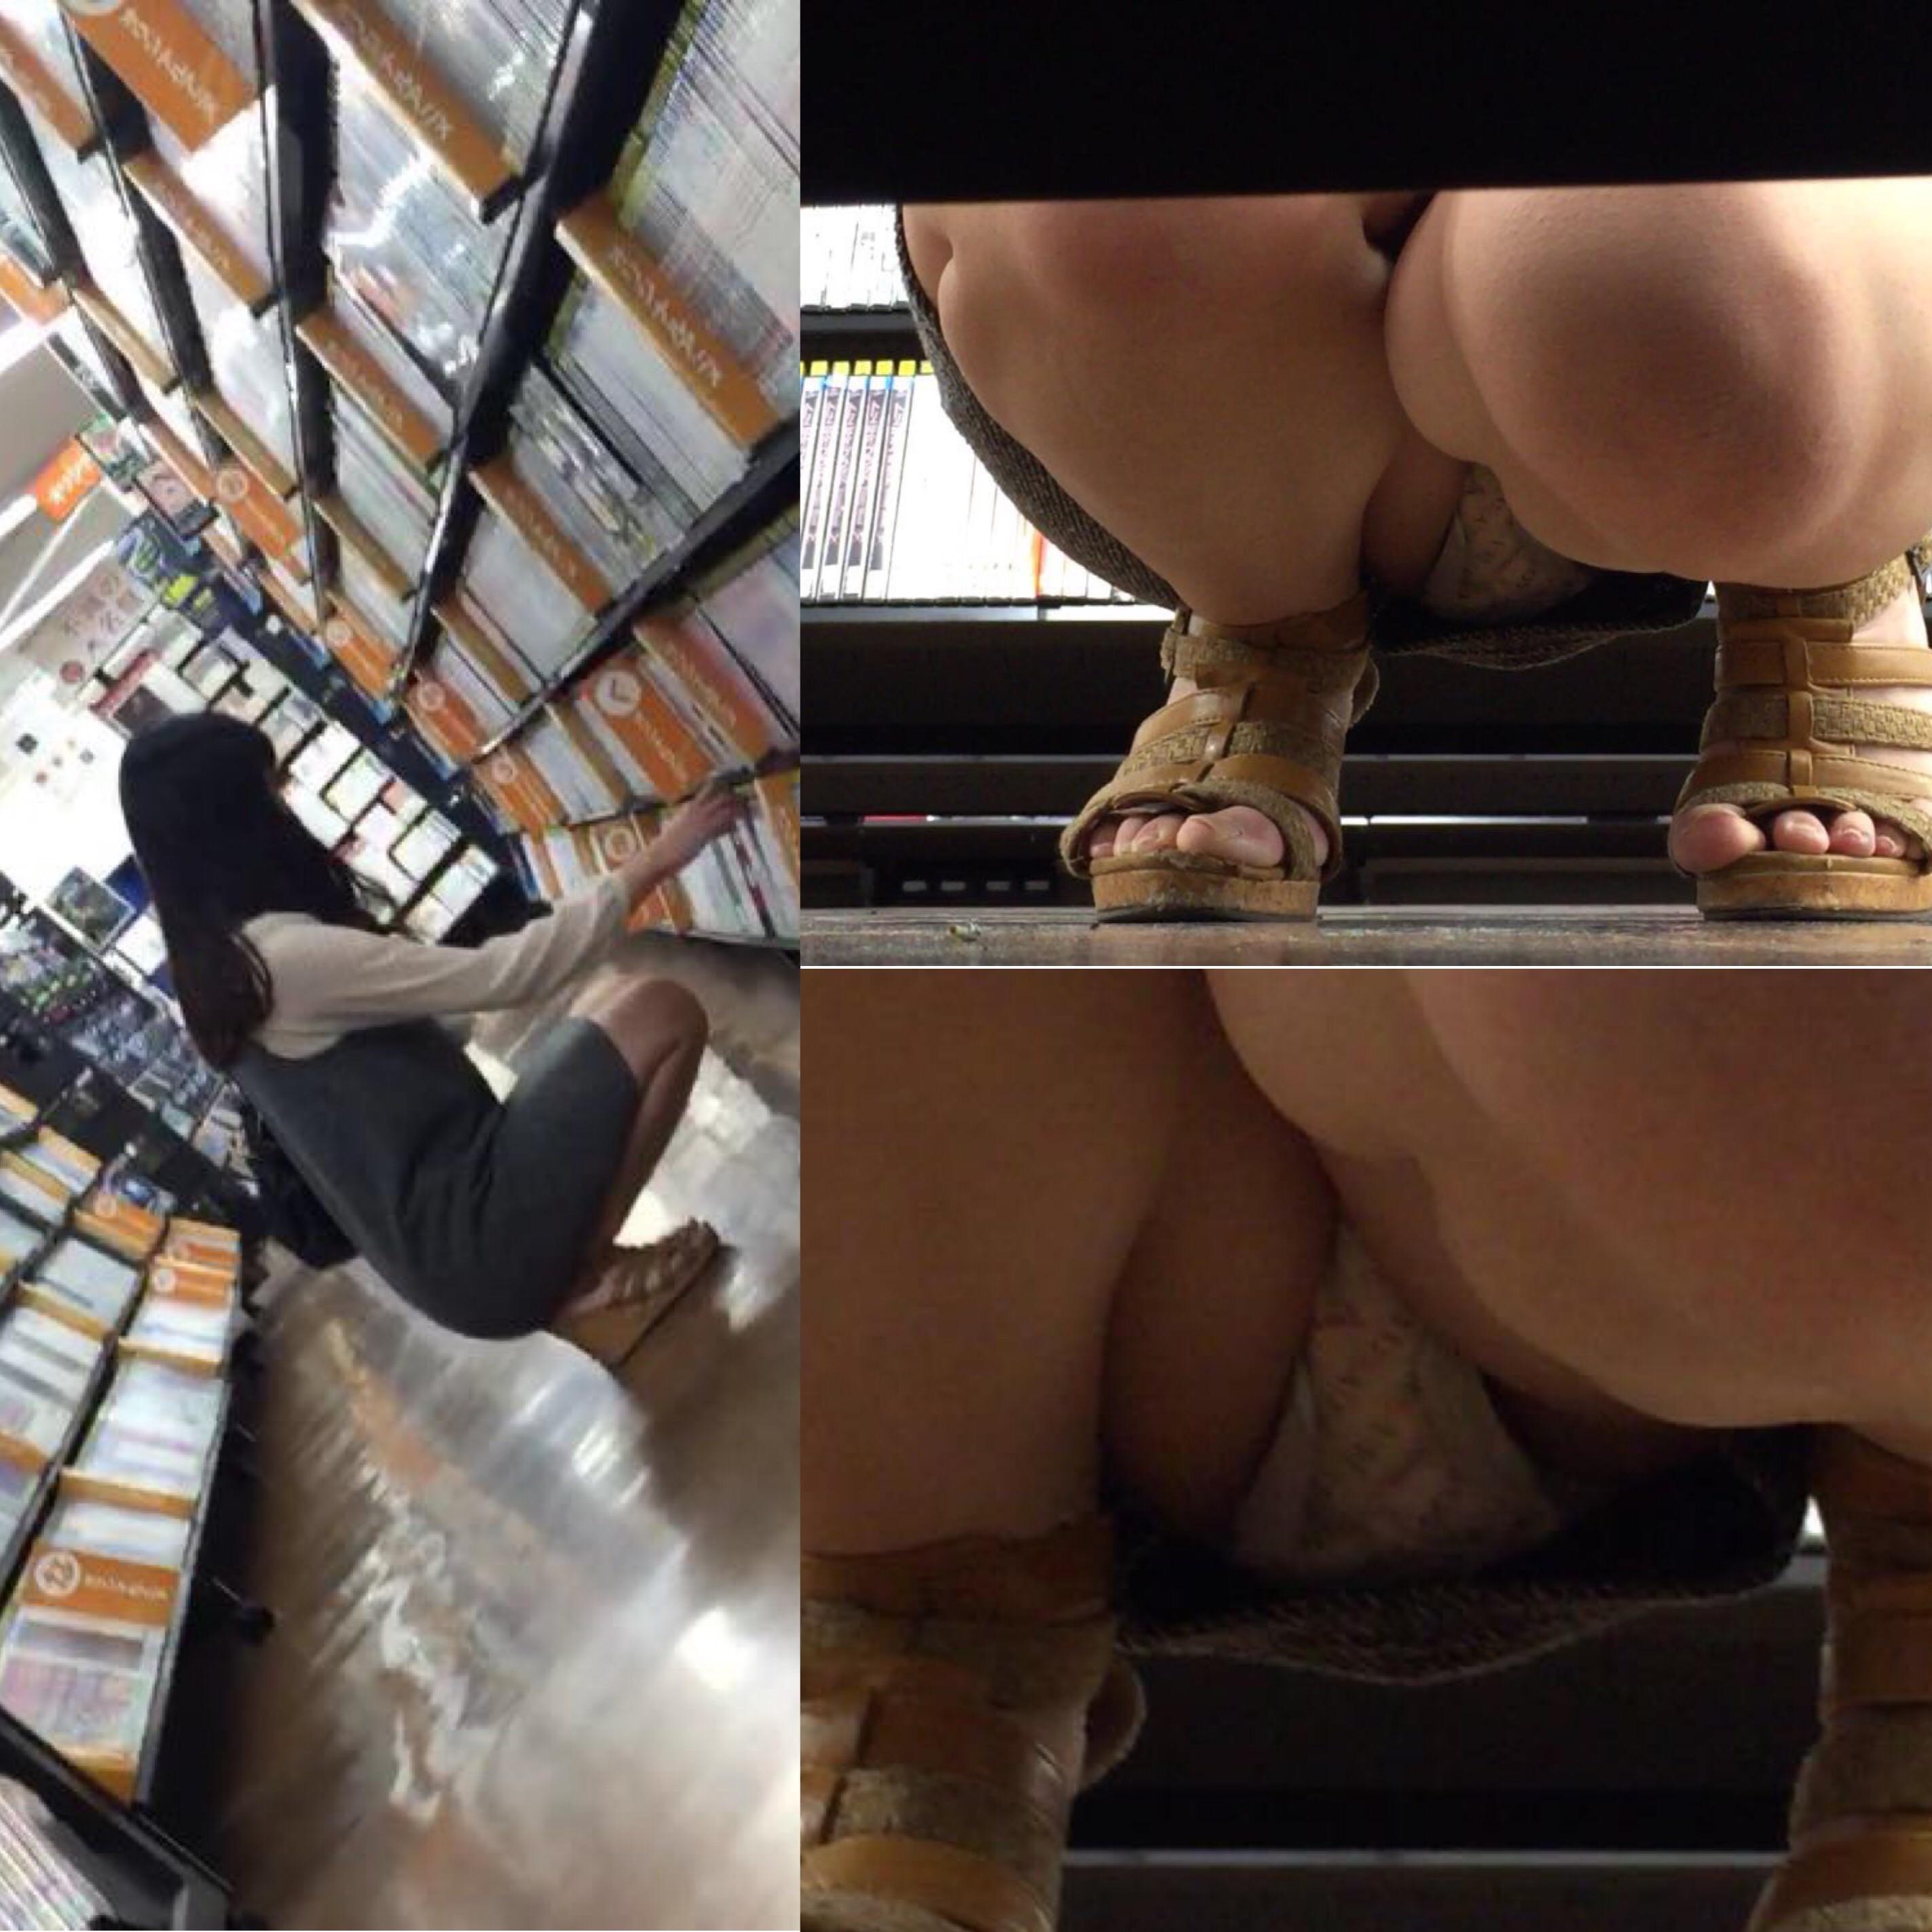 【パンチラエロ画像】棚の下から座るミニスカ女子のパンツを商品そっちのけでガン見www 24